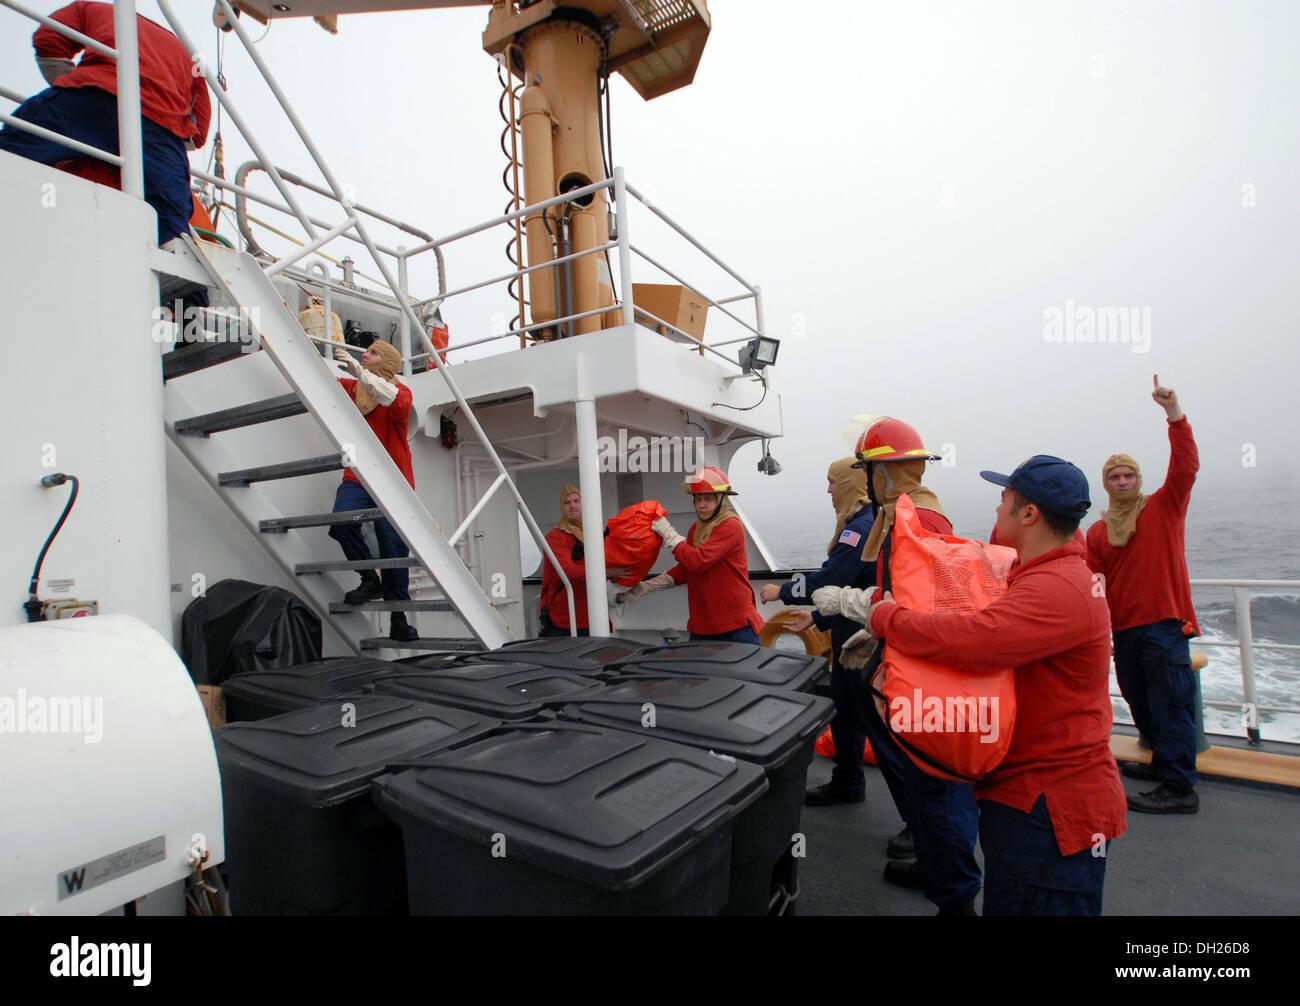 Mitglieder der USCG Cutter Stockrose crew zusammen Arbeit Überlebensanzüge während einer Hingabe Schiff Bohrmaschine, 17 Oktober, 2013.Hollyhock verteilen die Besatzung lief insgesamt 55 Übungen während ihres Transits von höchstens vier Monaten Trockendock in Baltimore, MD. nach Hause Stockbild